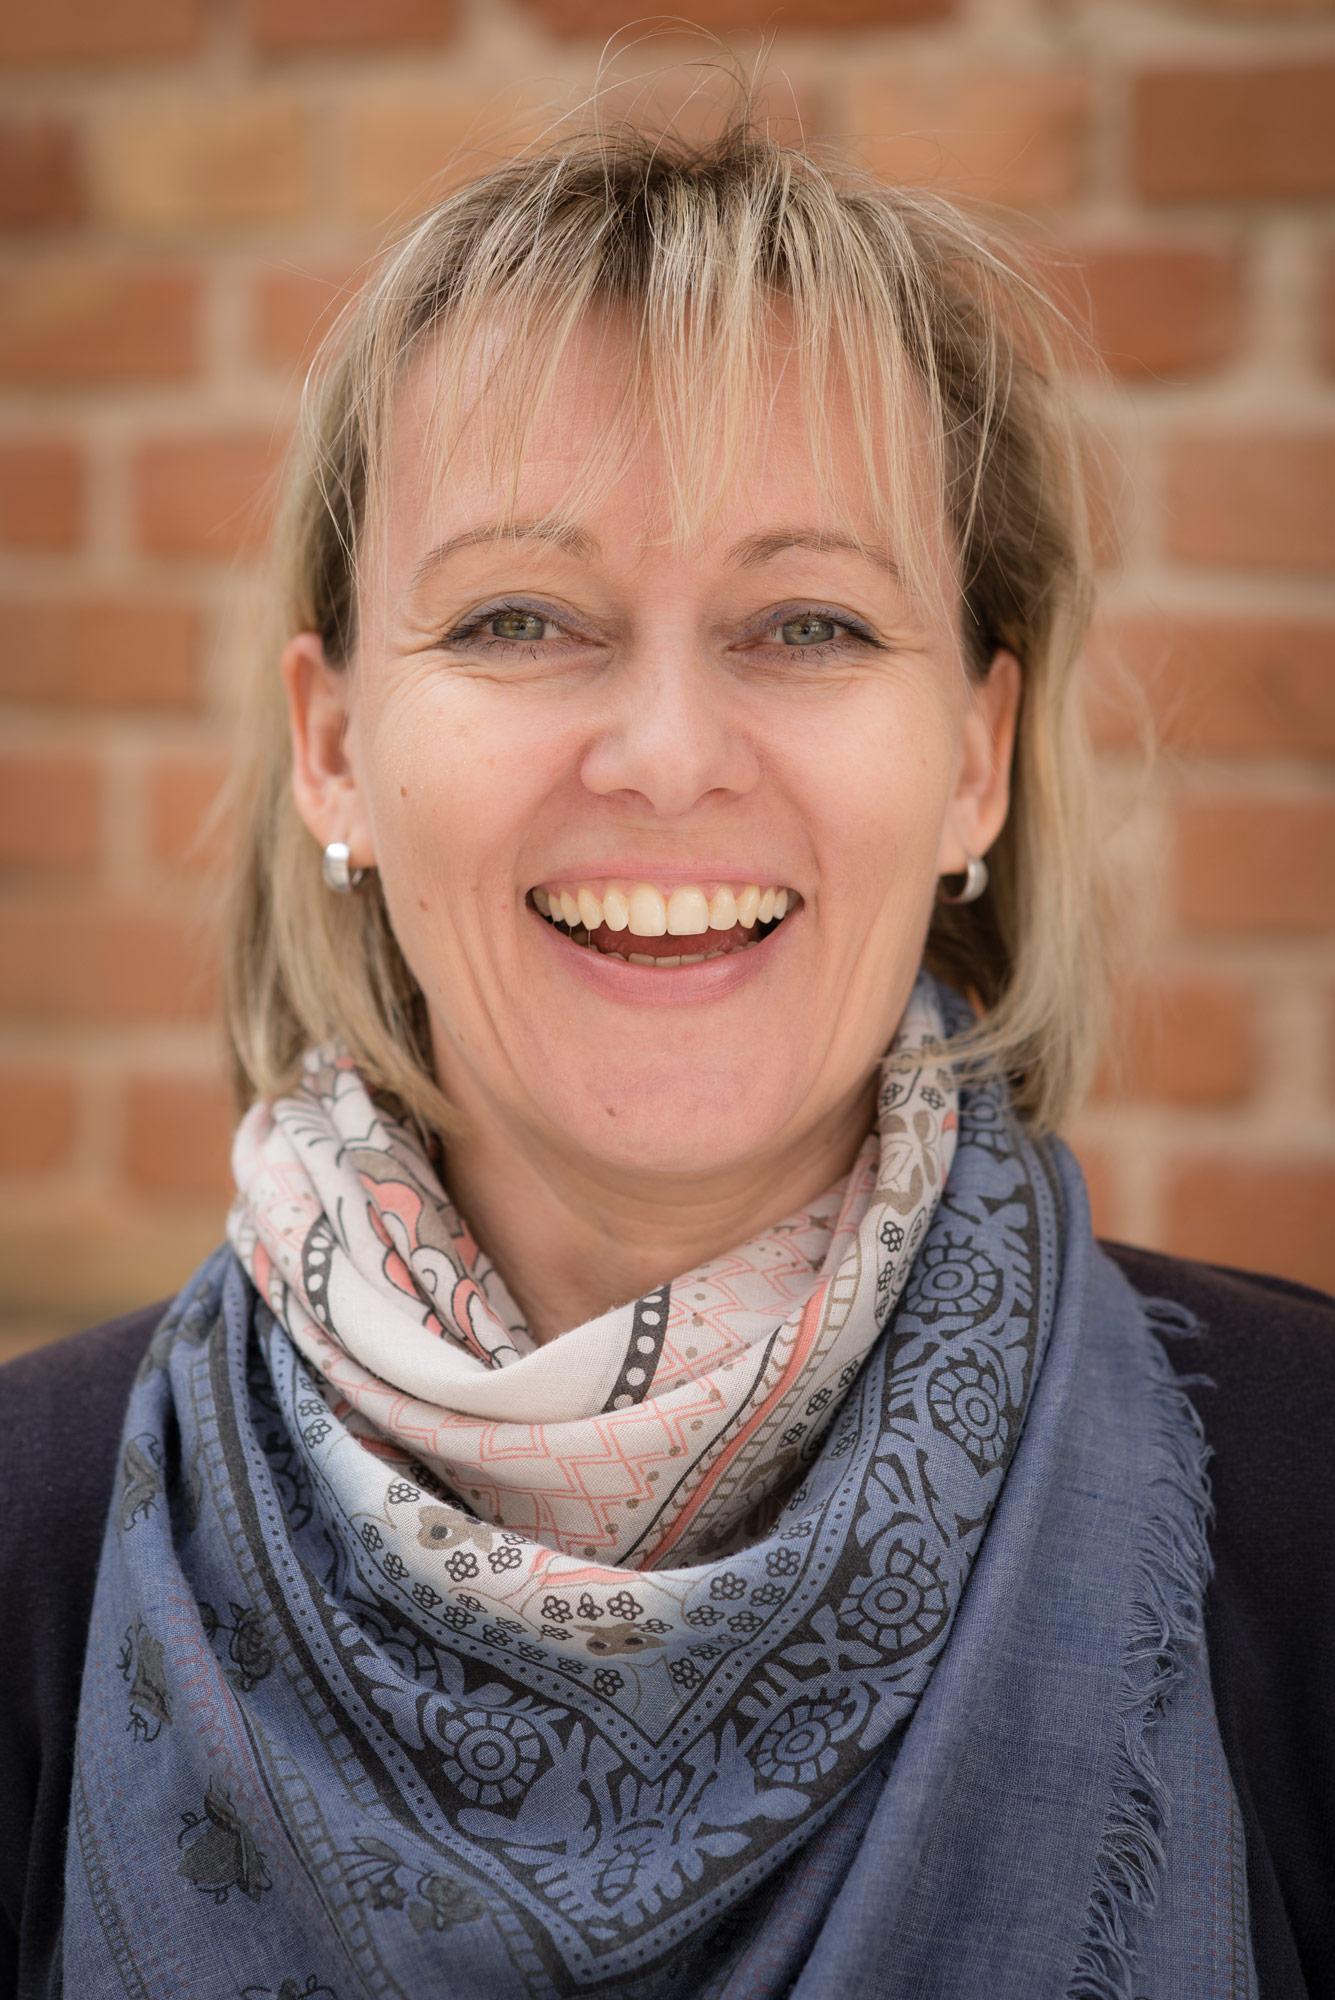 Nicole Glöckner-Klingmann